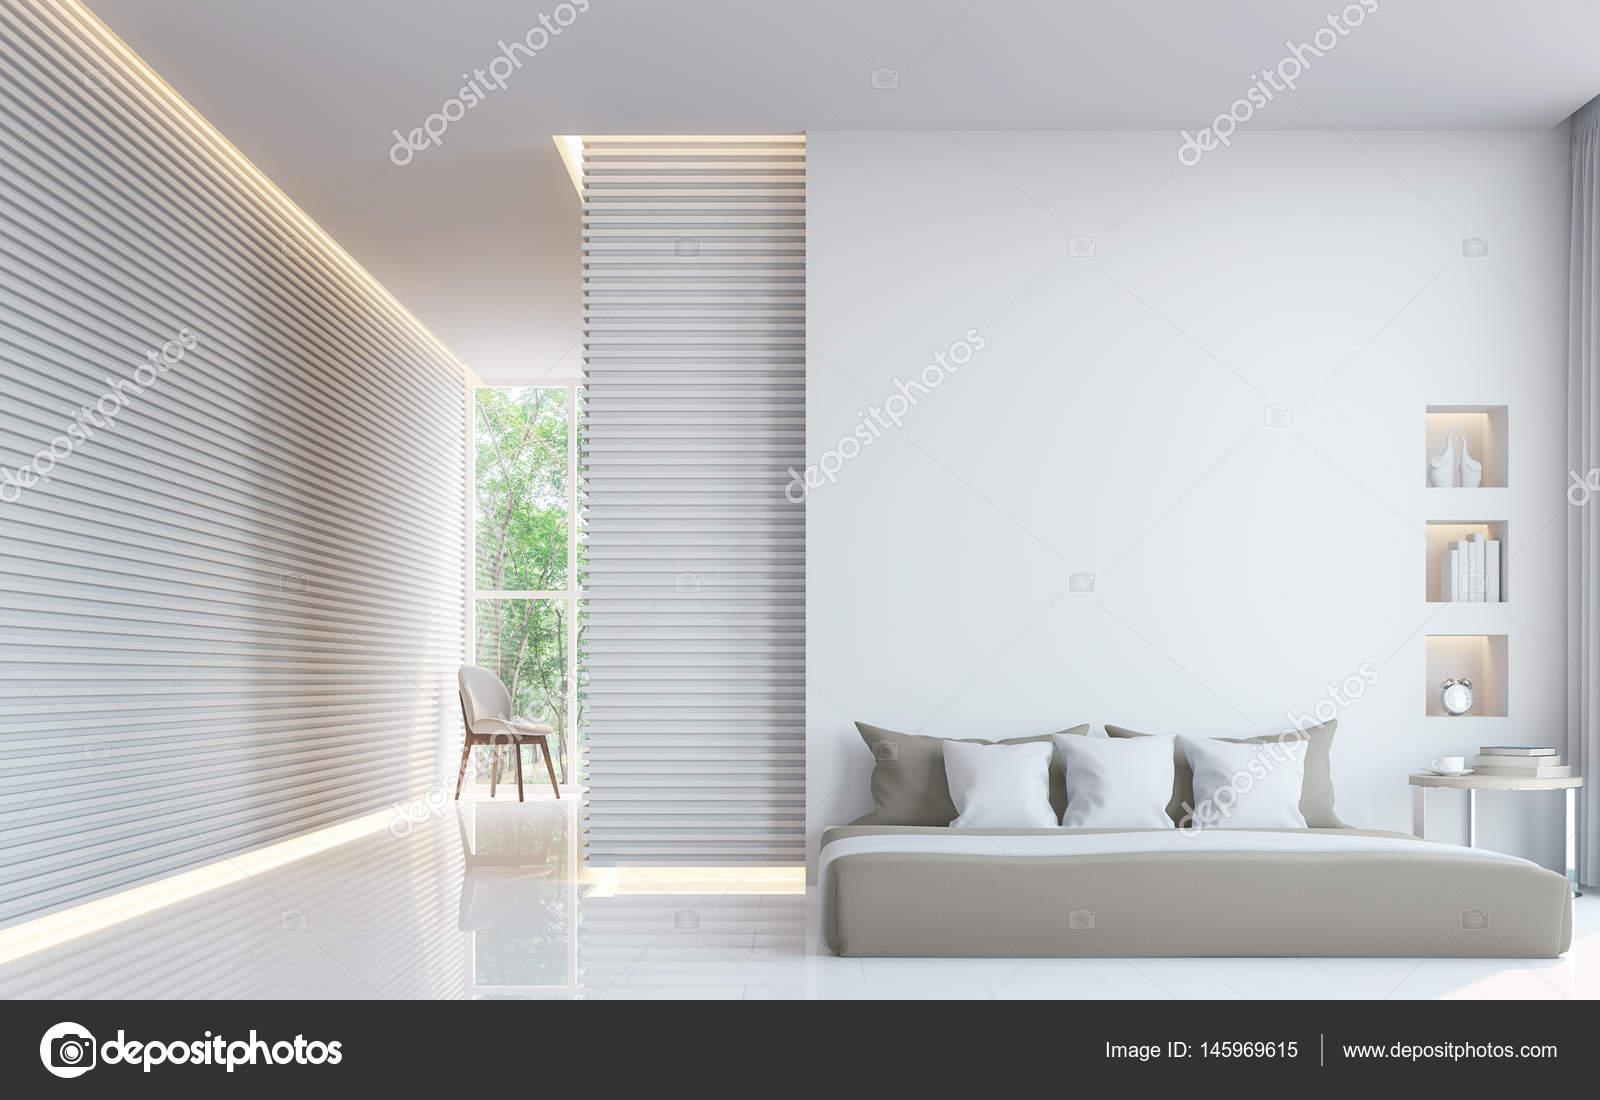 Moderne witte slaapkamer interieur d rendering afbeelding